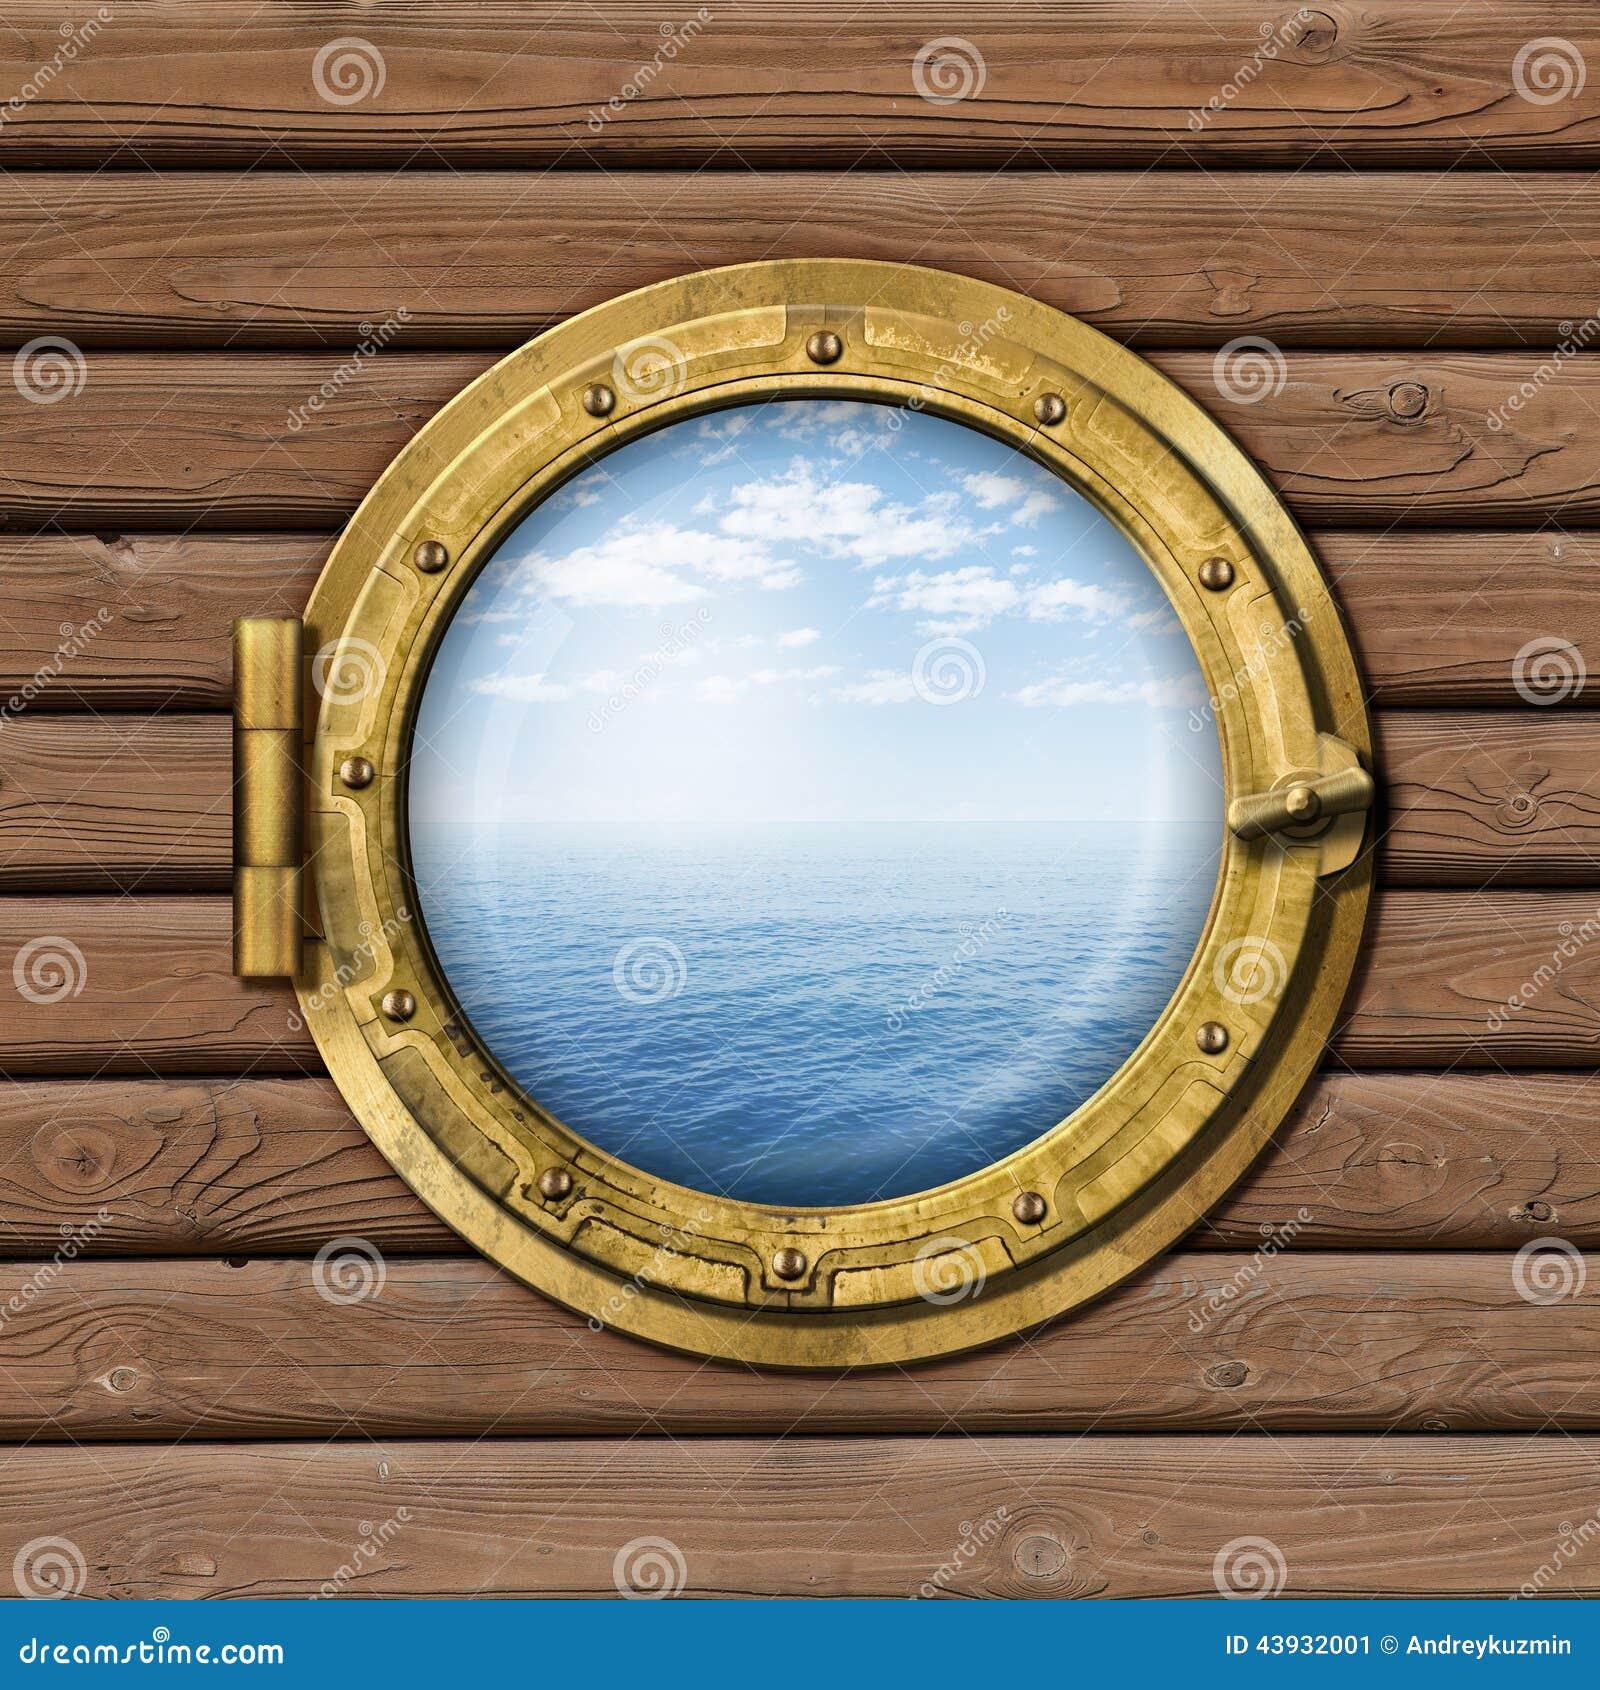 Ship or boat porthole stock image. Image of gold, window ...